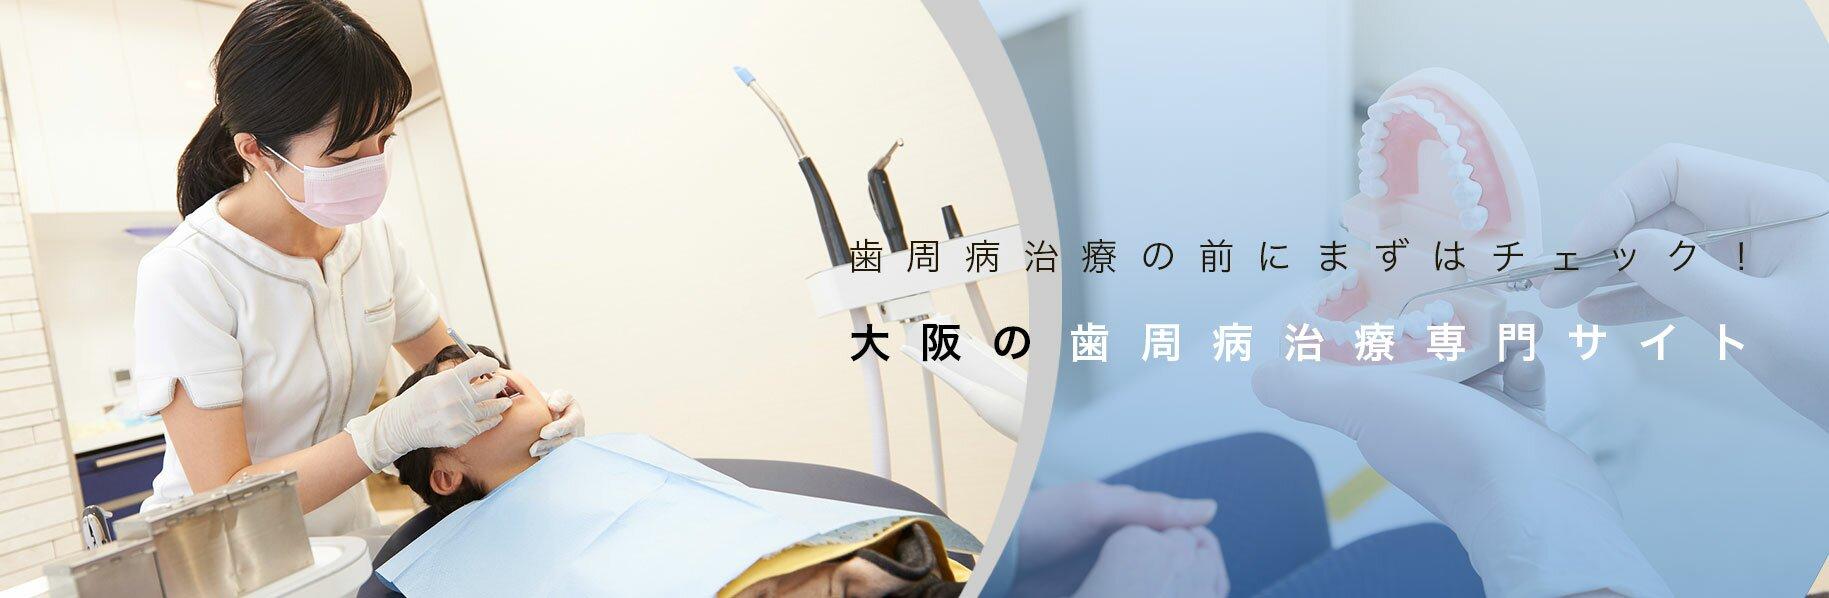 大阪のおすすめ 歯周病治療歯医者さんランキング